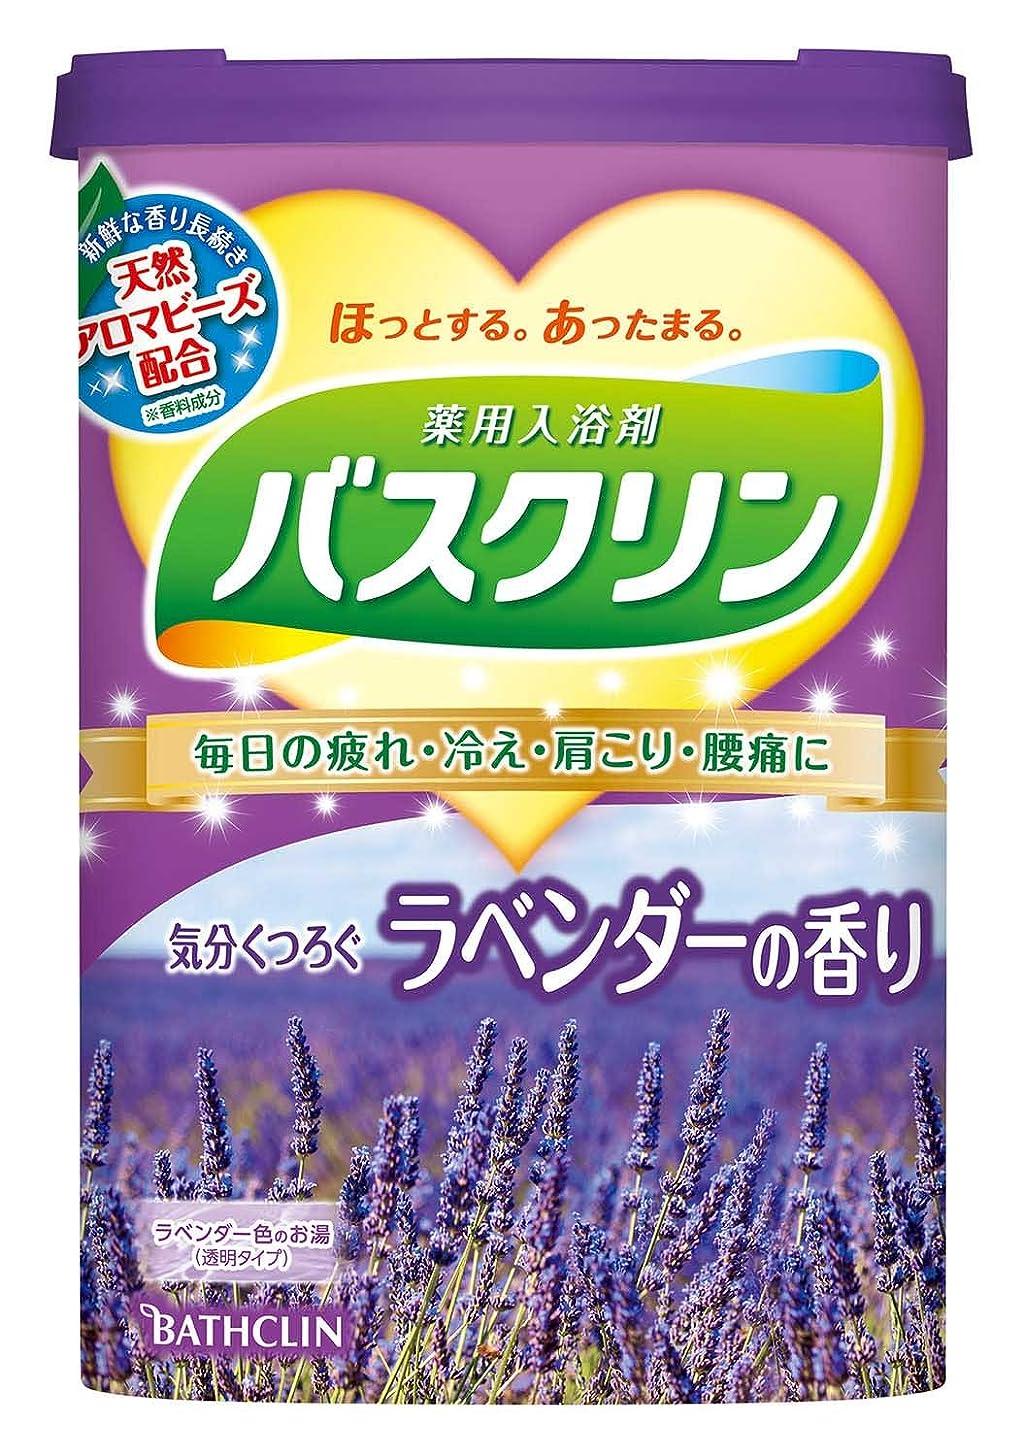 不快アナウンサーレンディション【医薬部外品】バスクリン ラベンダーの香り 600g 入浴剤